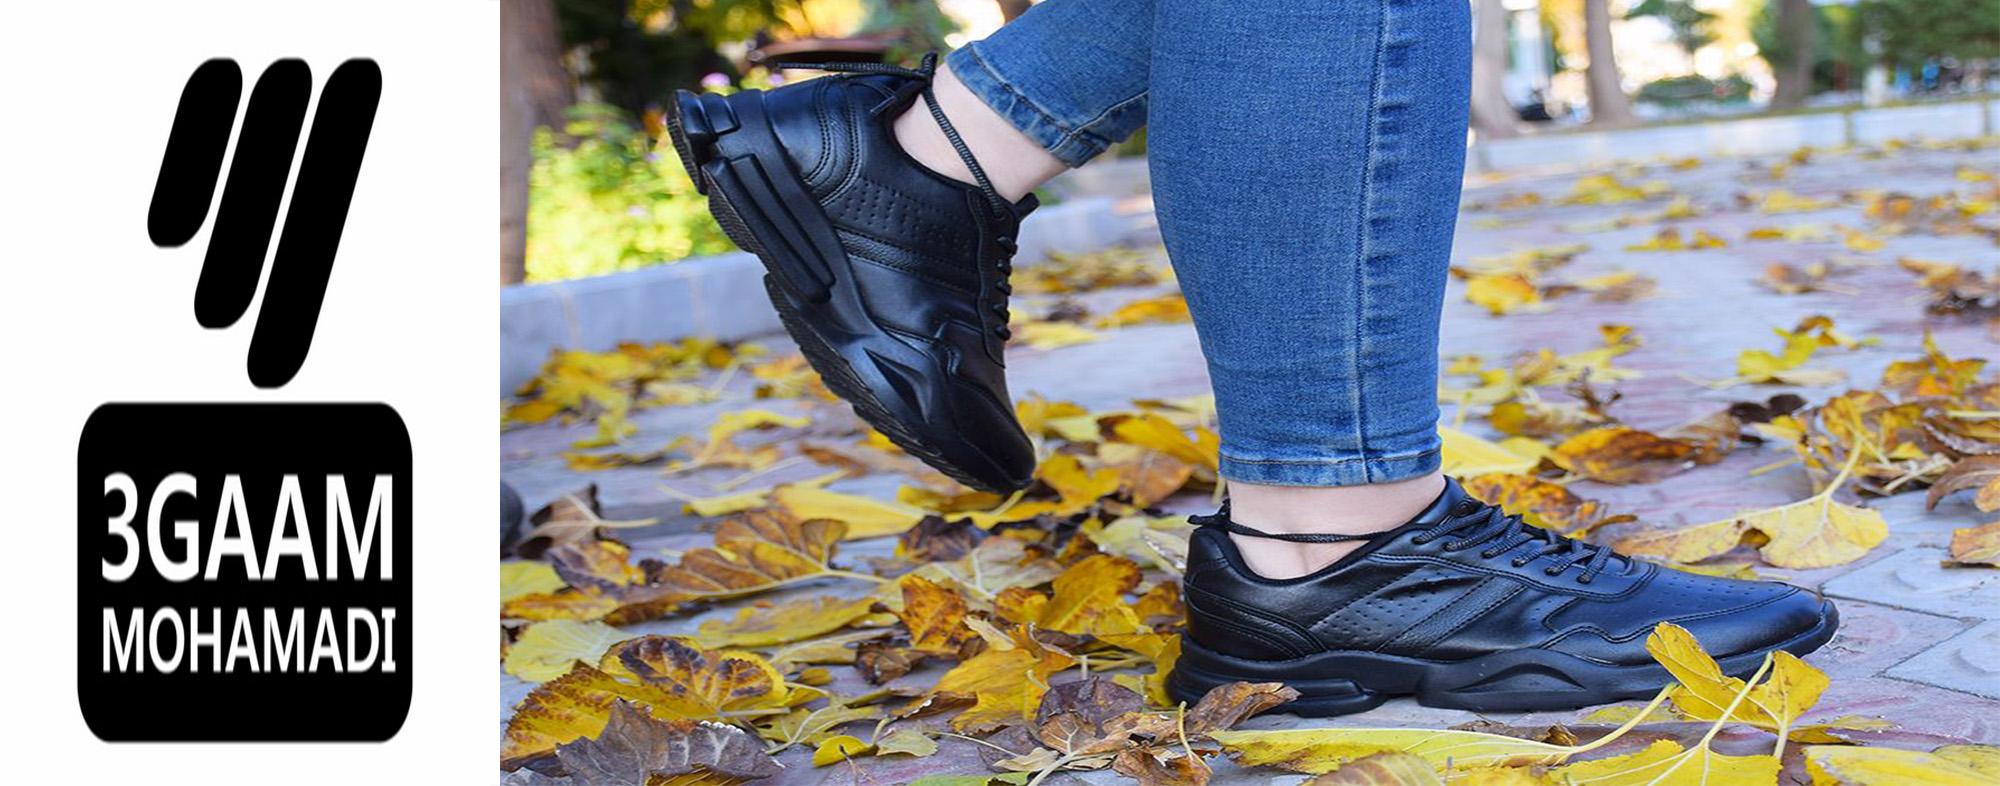 کفش سه گام (محمدی)